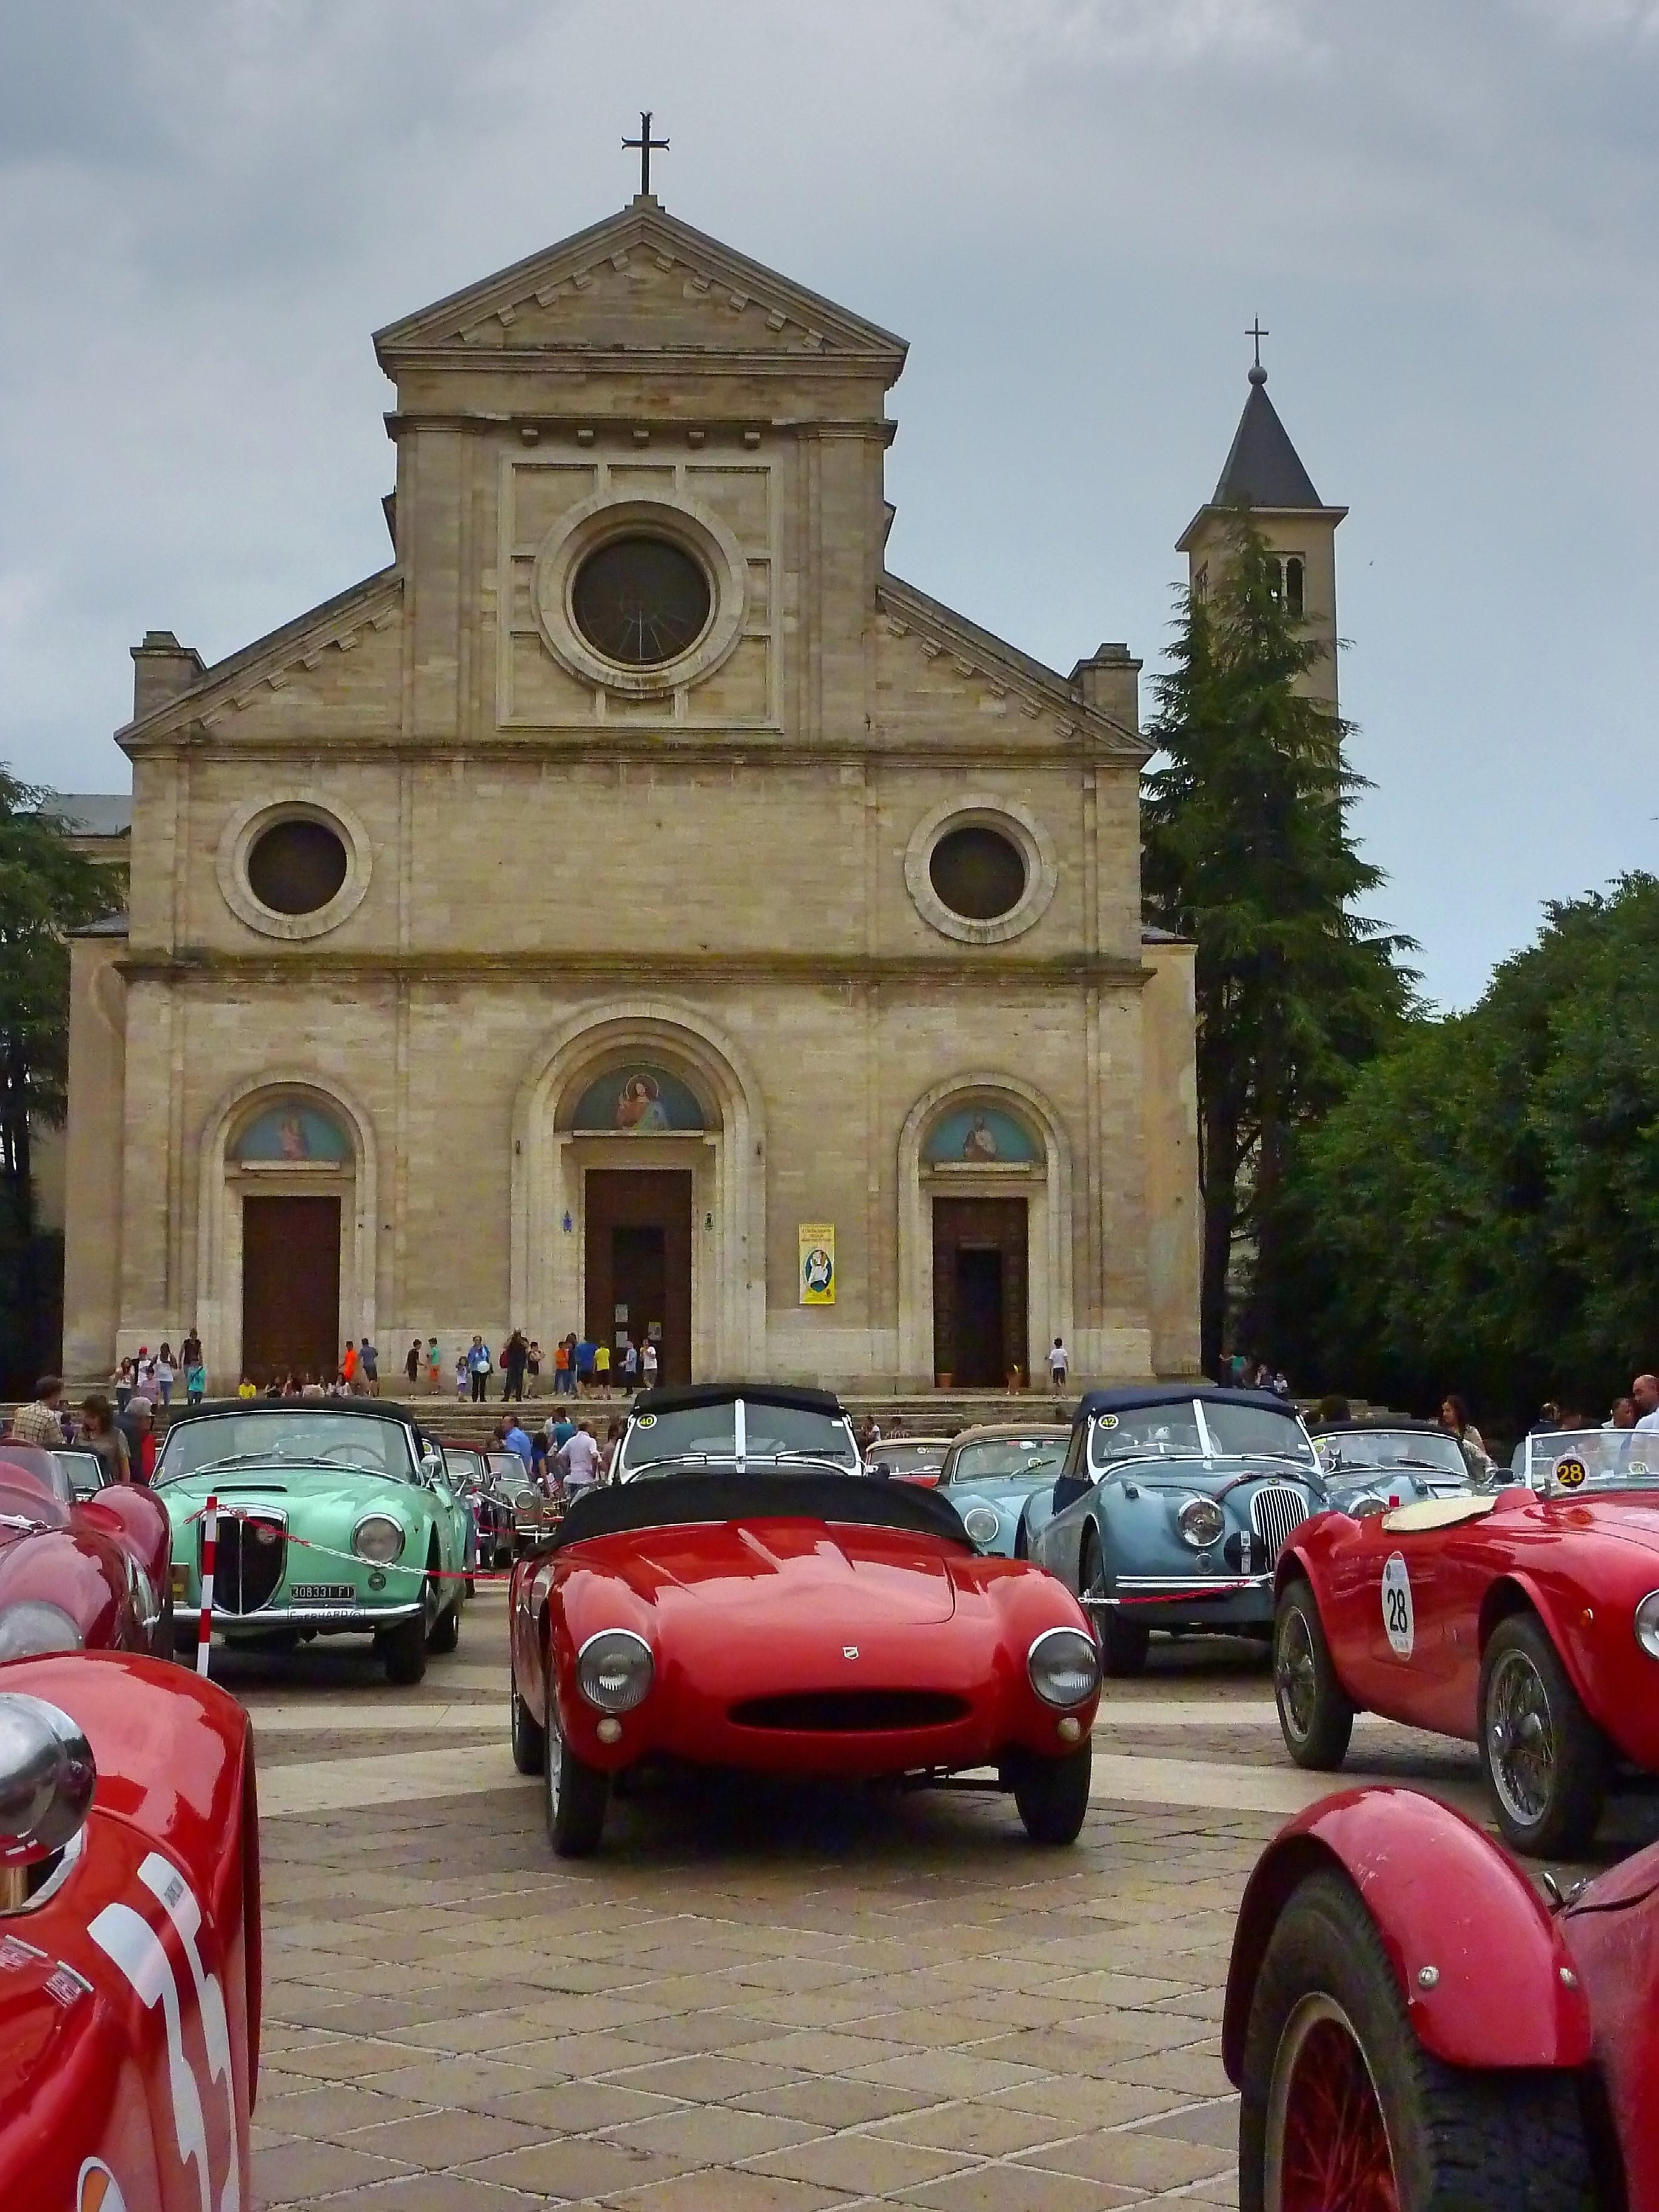 4th Circuito Di Avezzano (298)